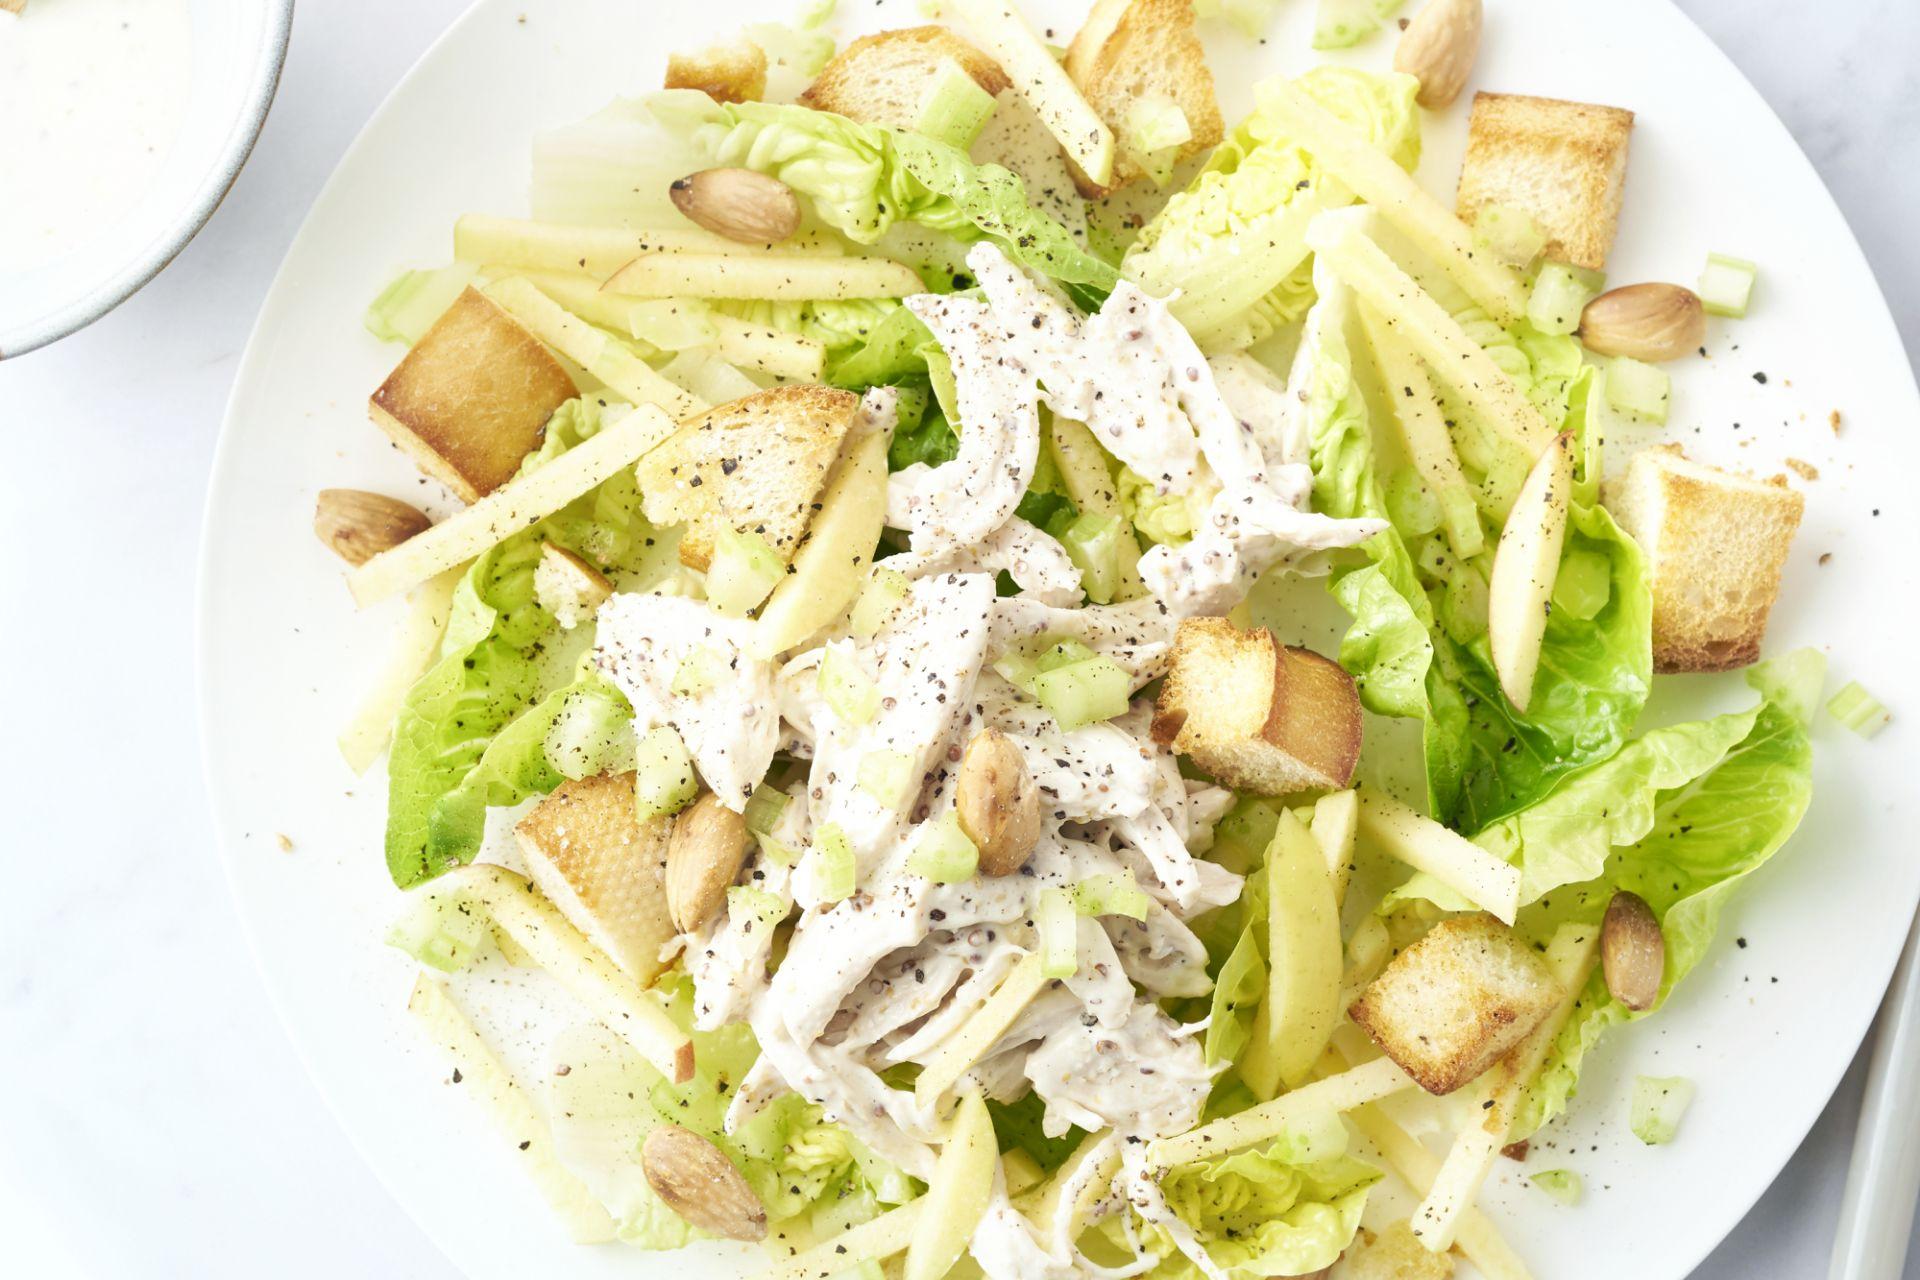 Pulled chicken salade